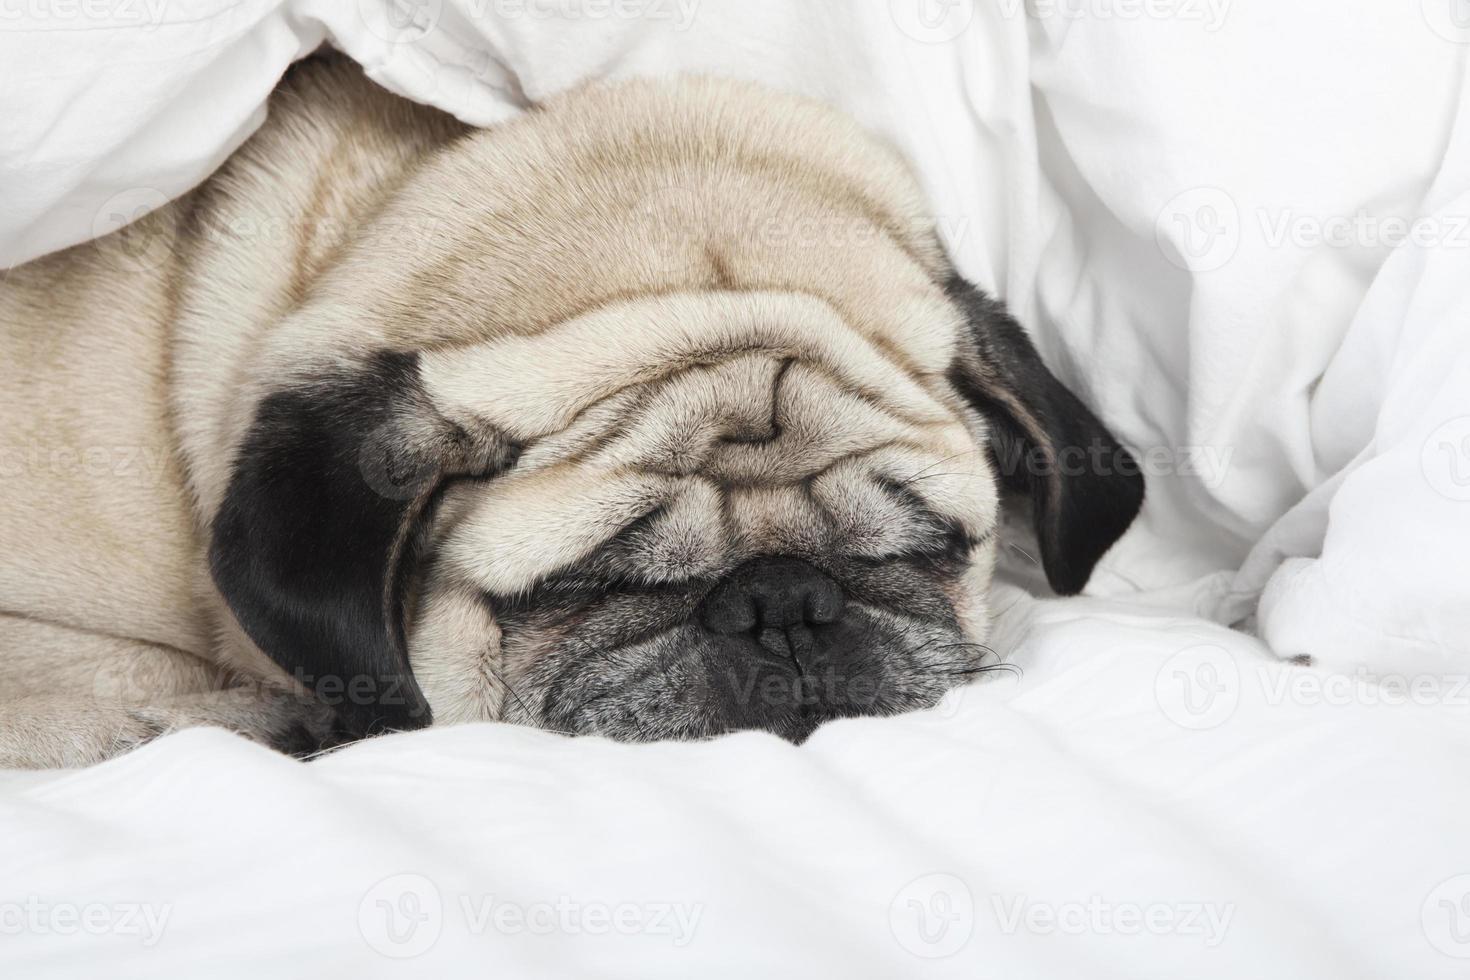 cara de pug dormindo foto